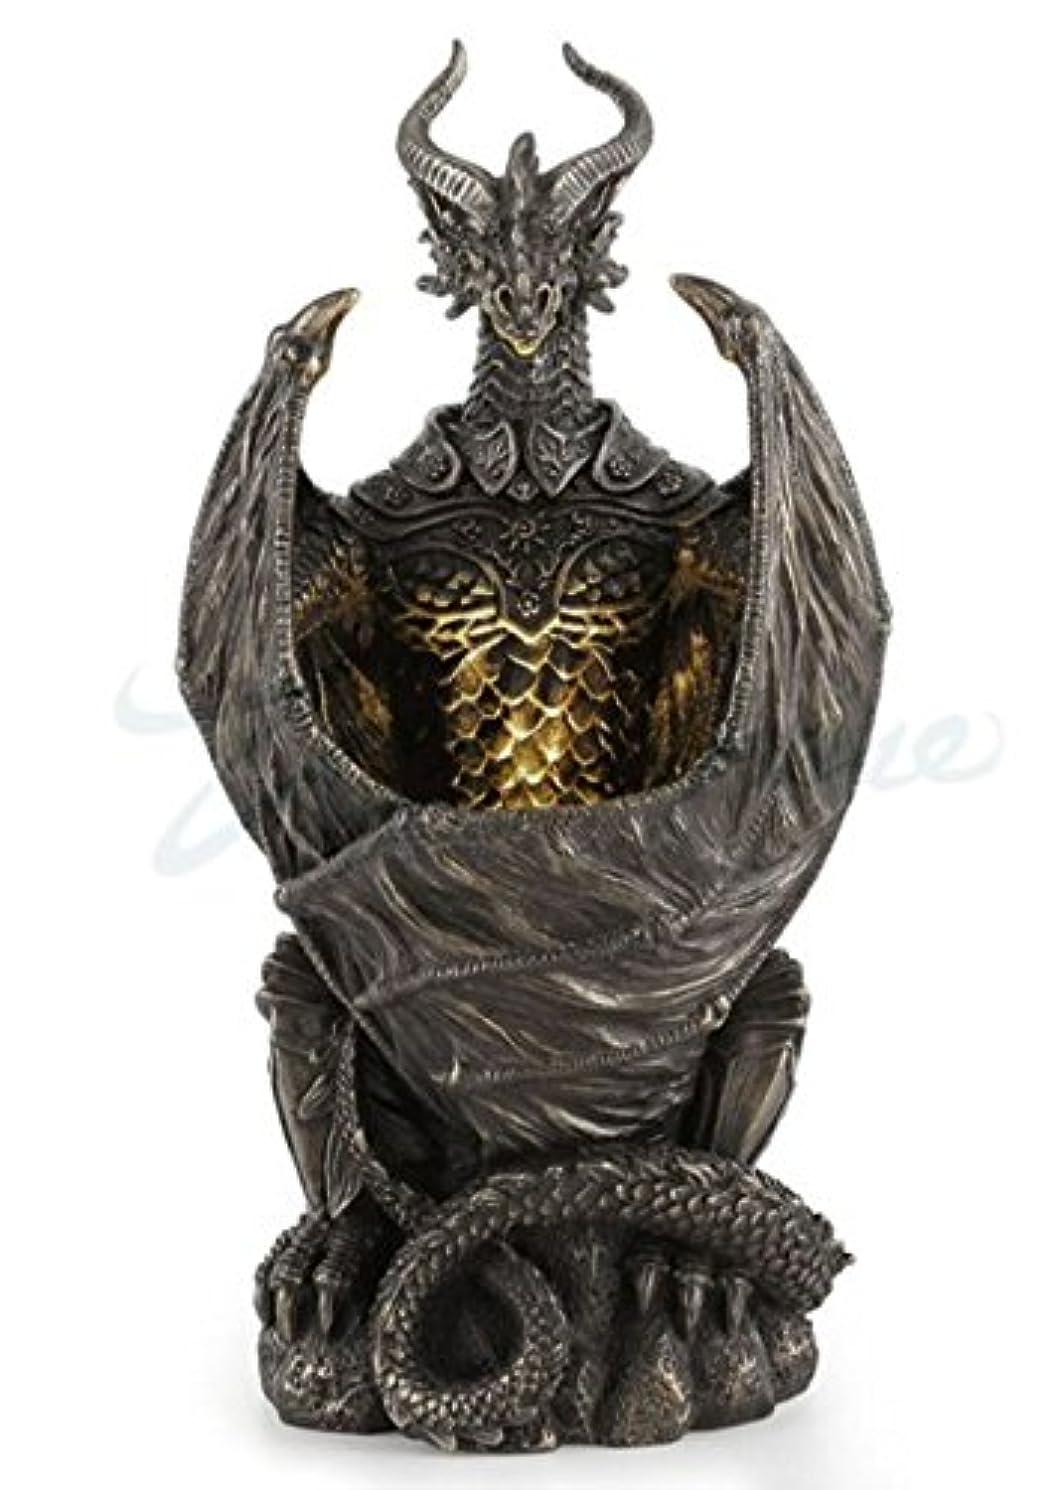 巨人狼チューブVeronese (ヴェロネーゼ) 装甲したドラゴン 終夜灯 LED ブロンズ風 置物 フィギュア